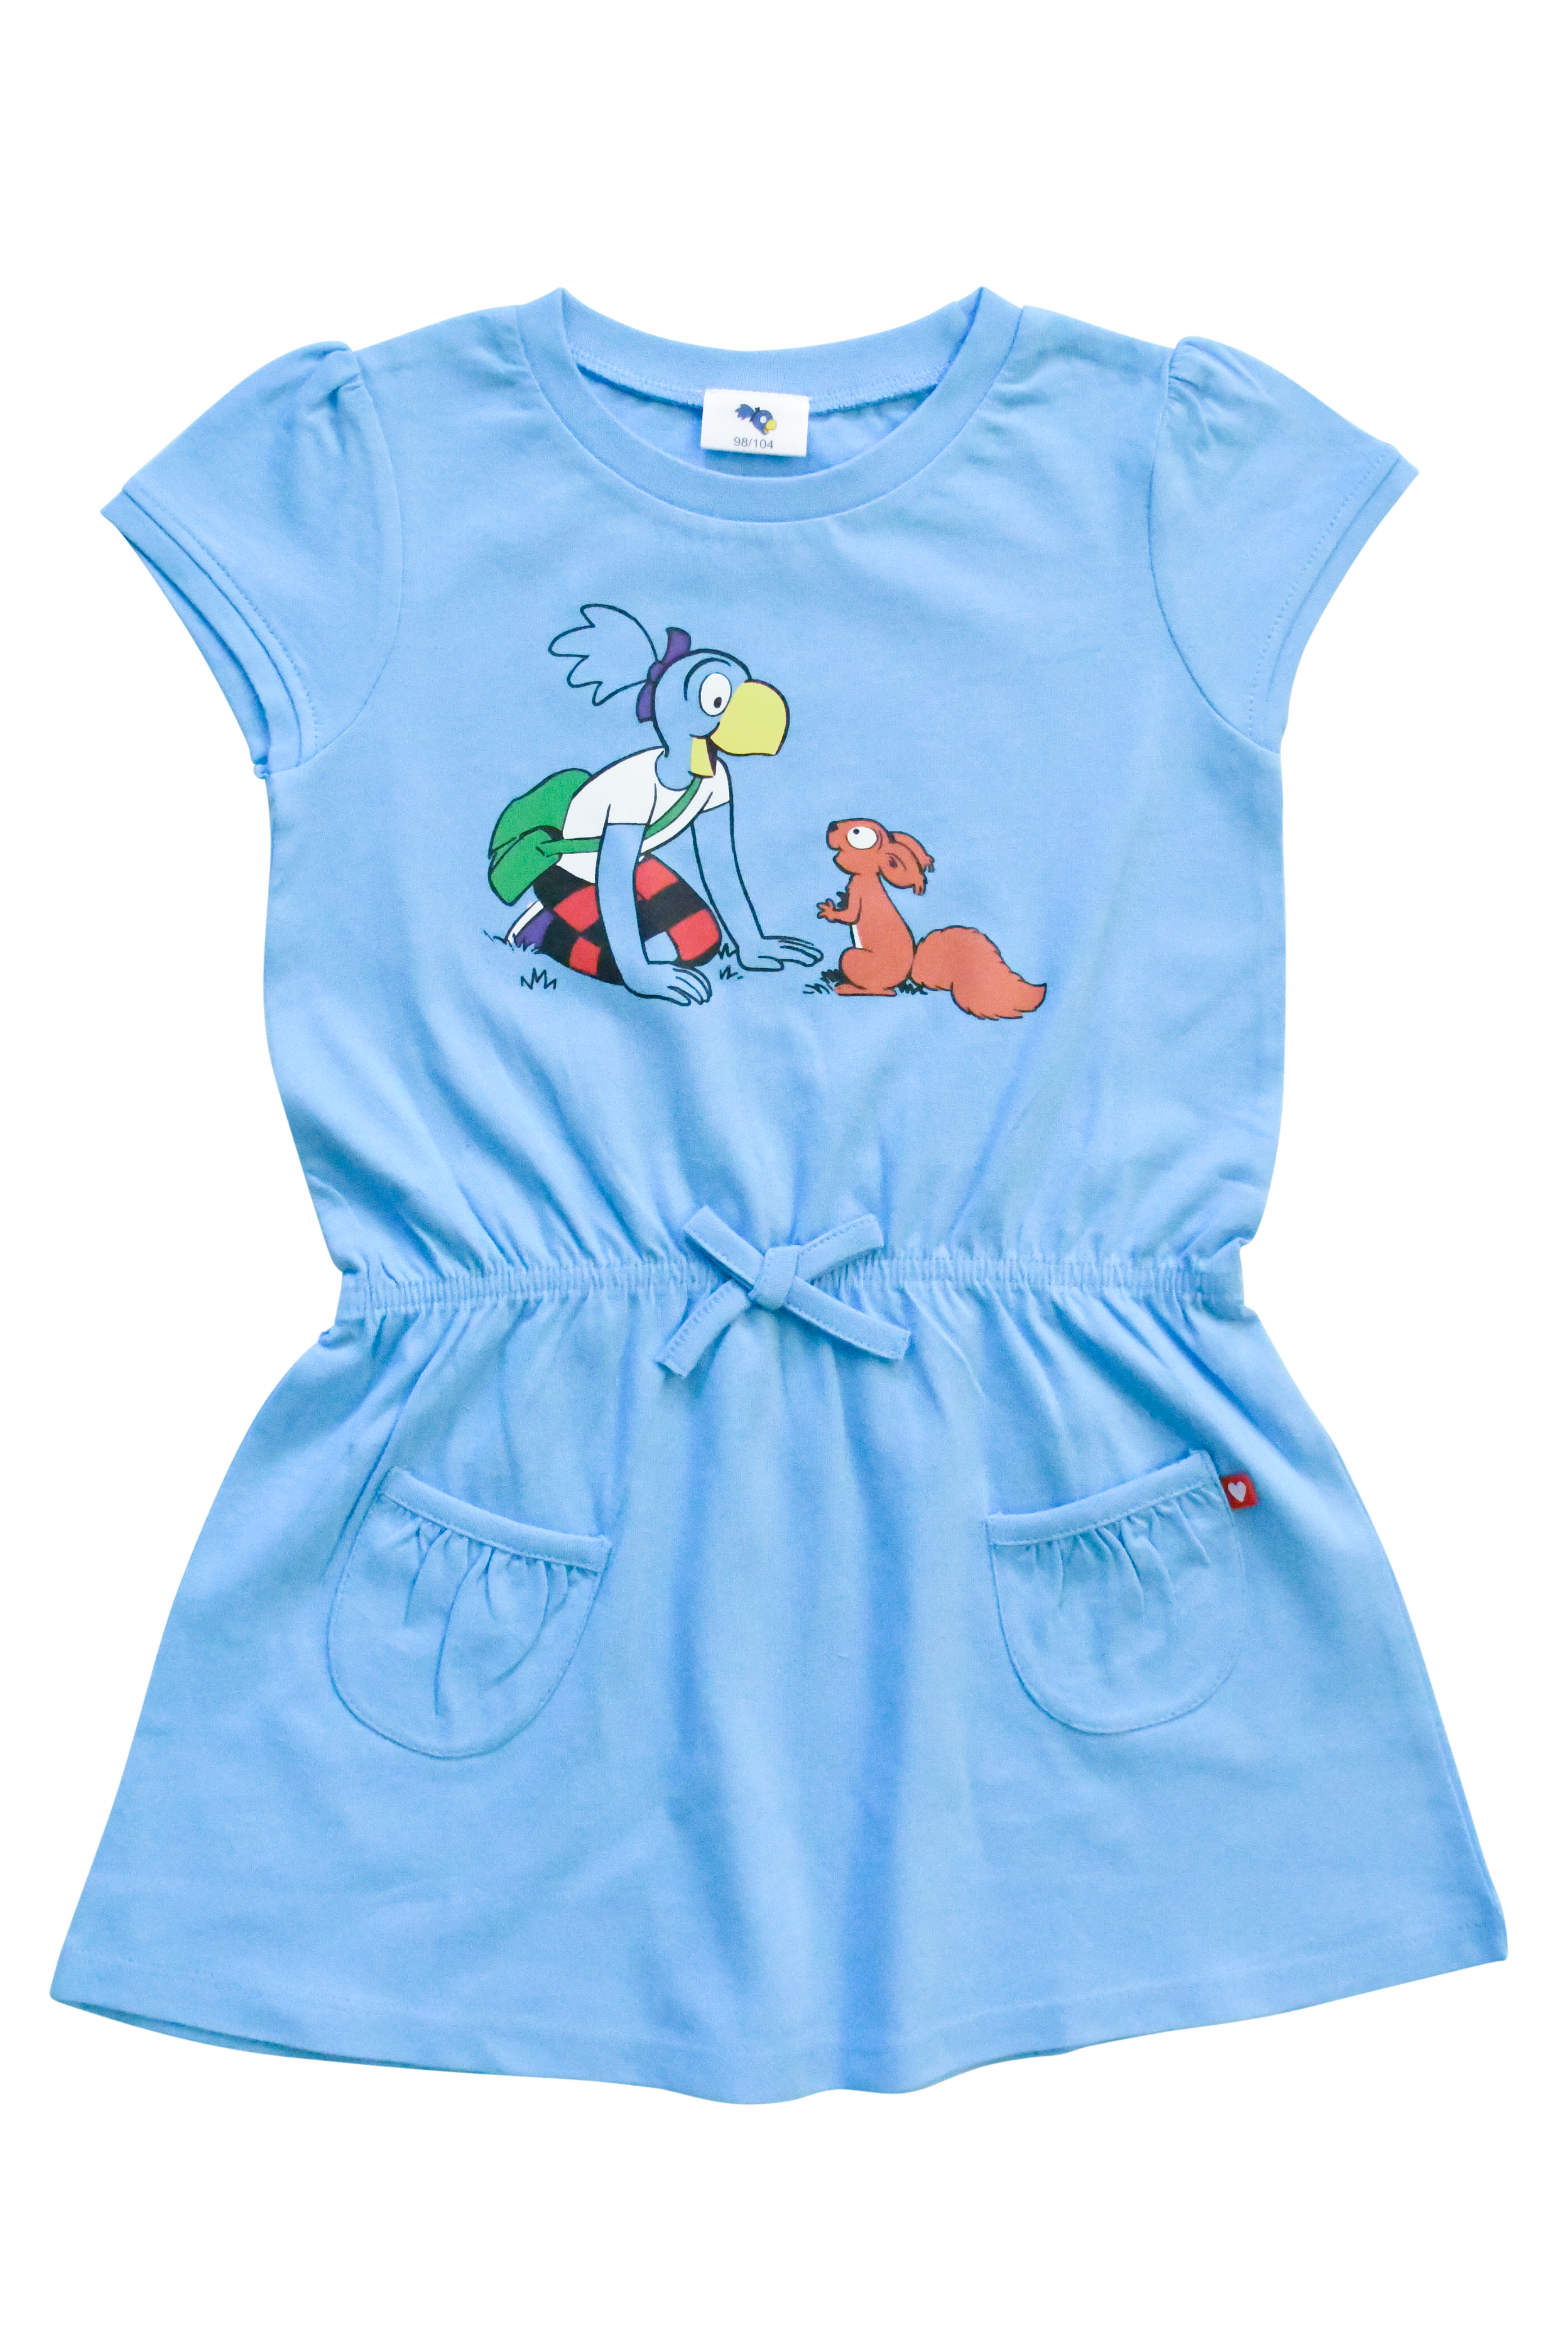 Globine Kleid blau 98/104